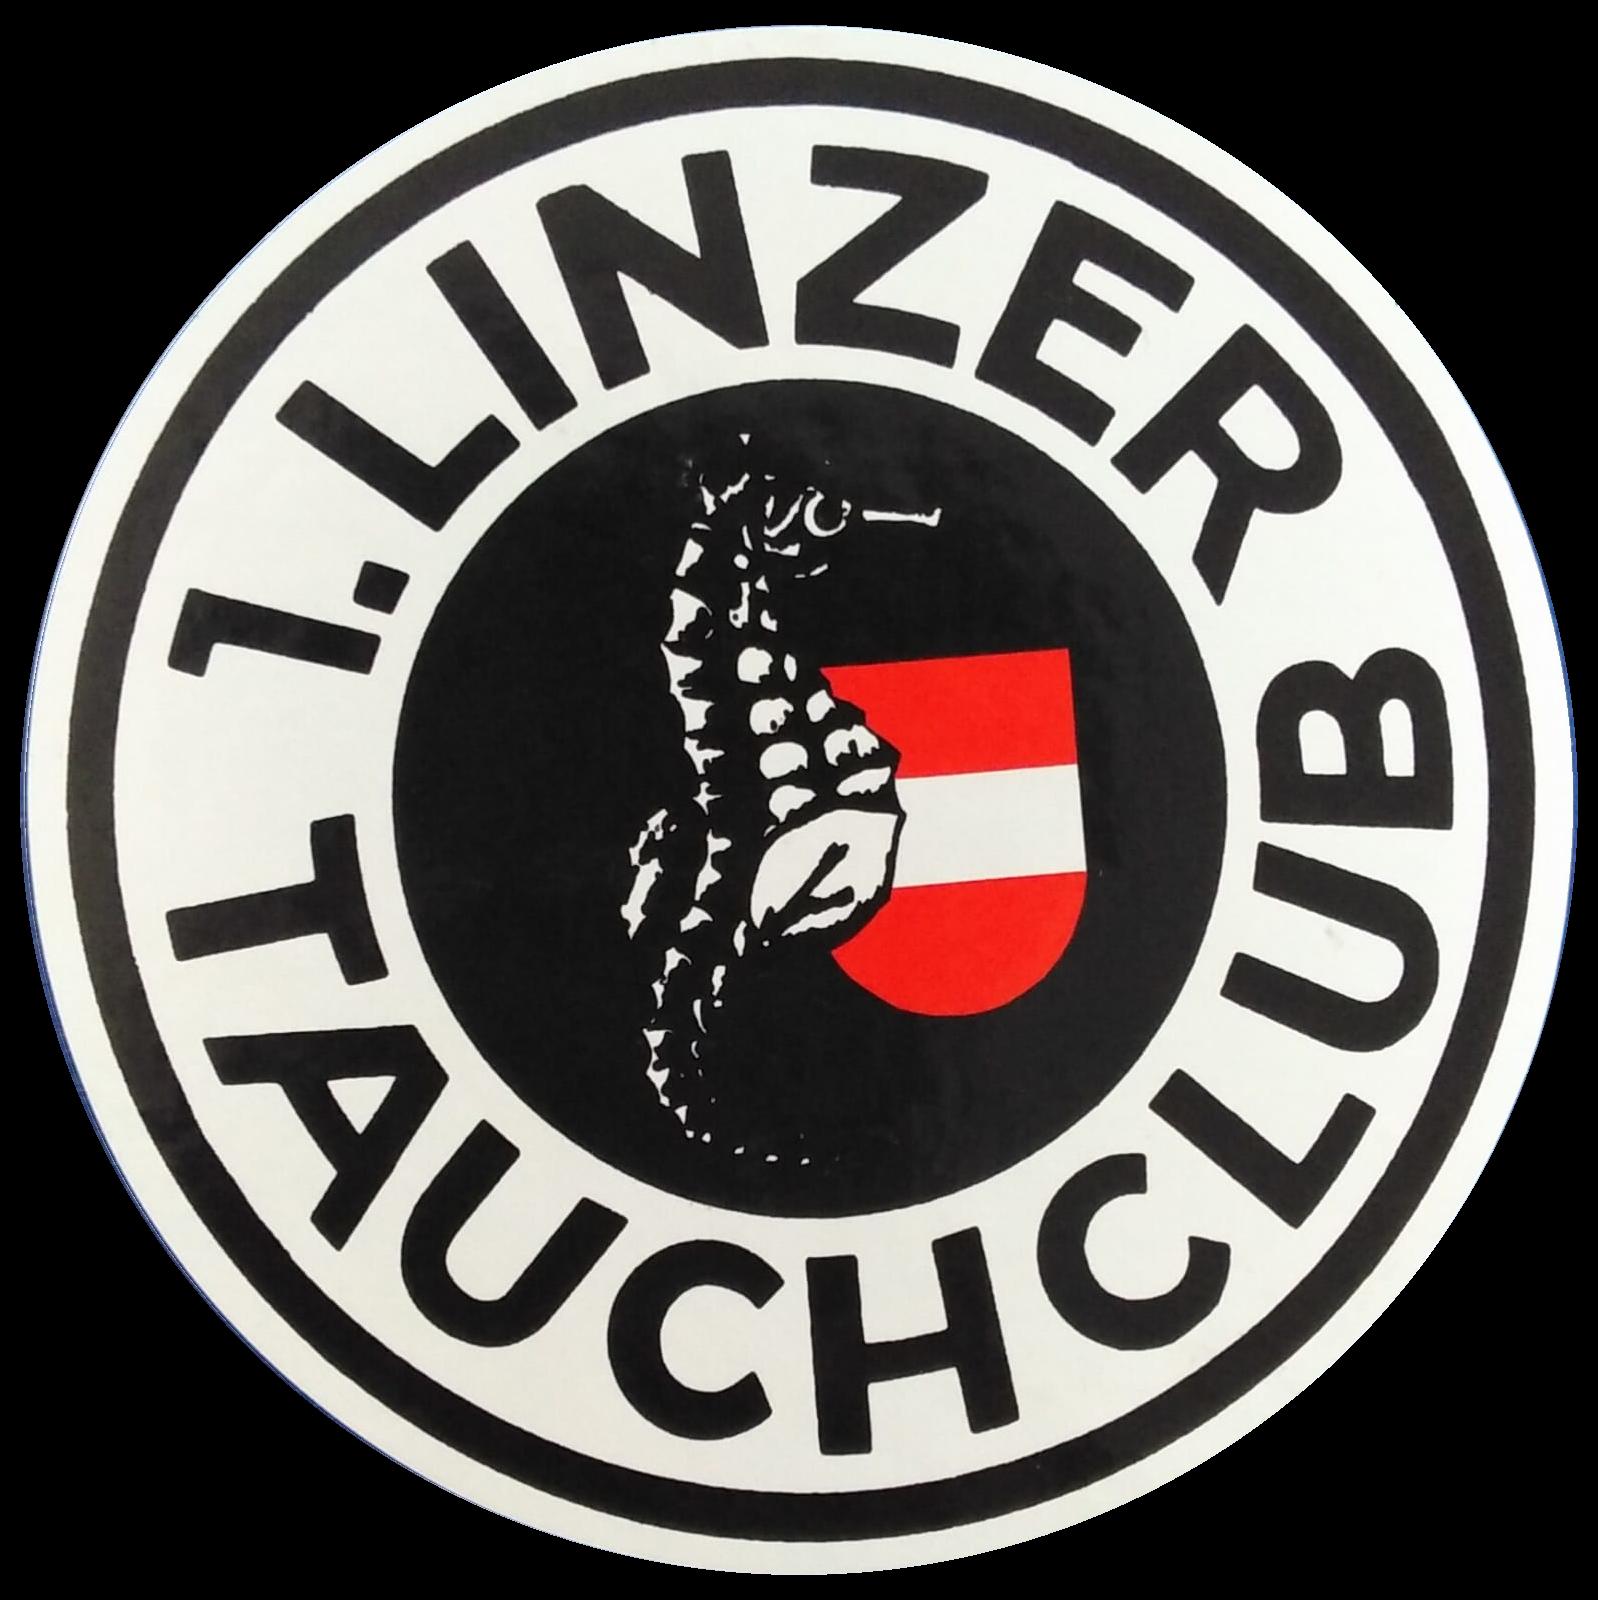 1. Linzer Tauchclub Seepferdchen